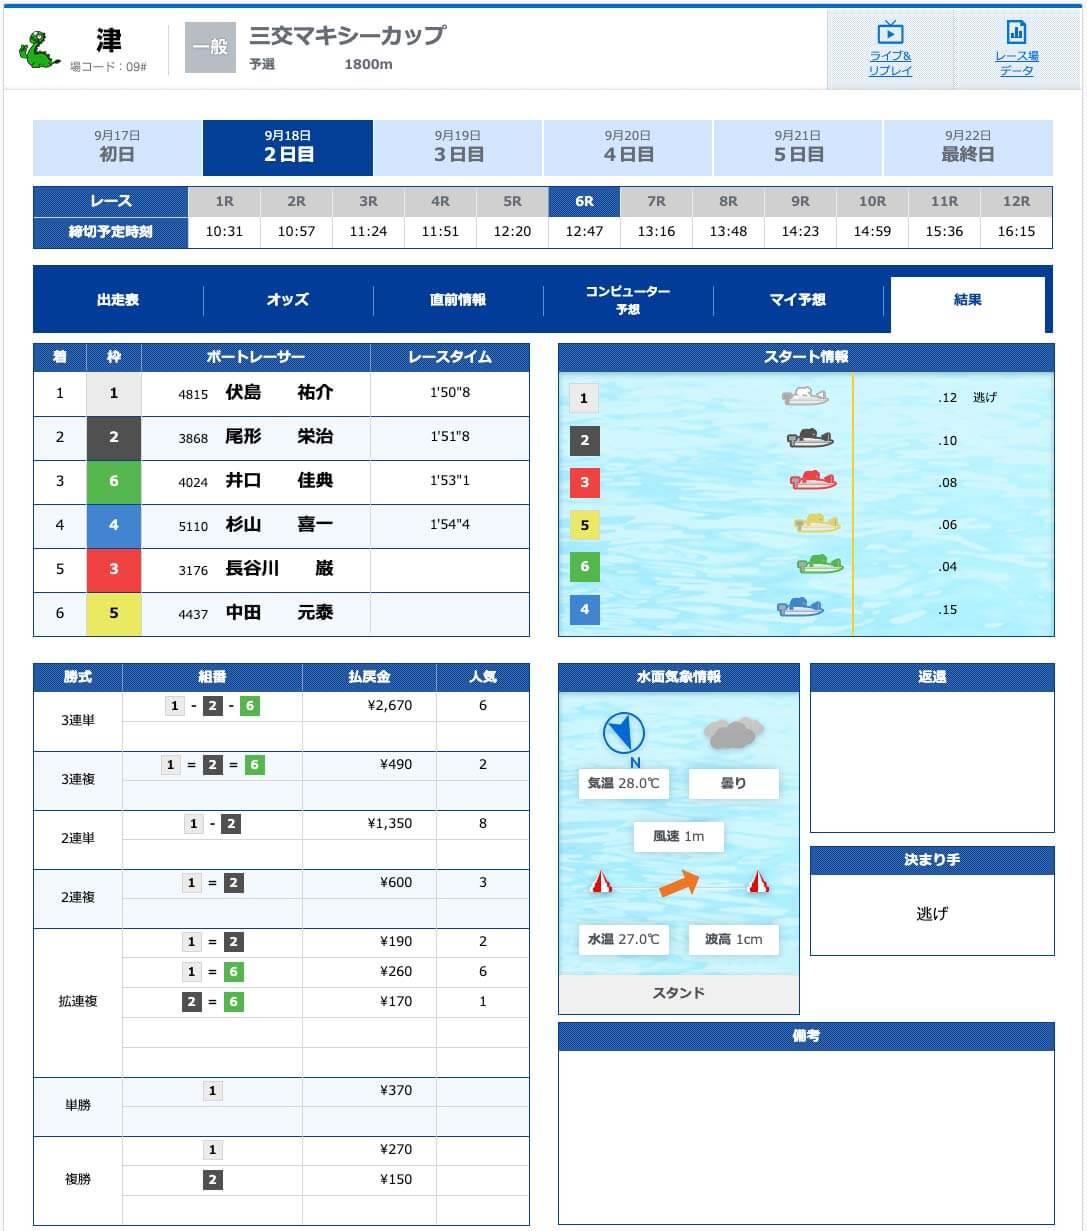 9月18日津6Rの有料プラン